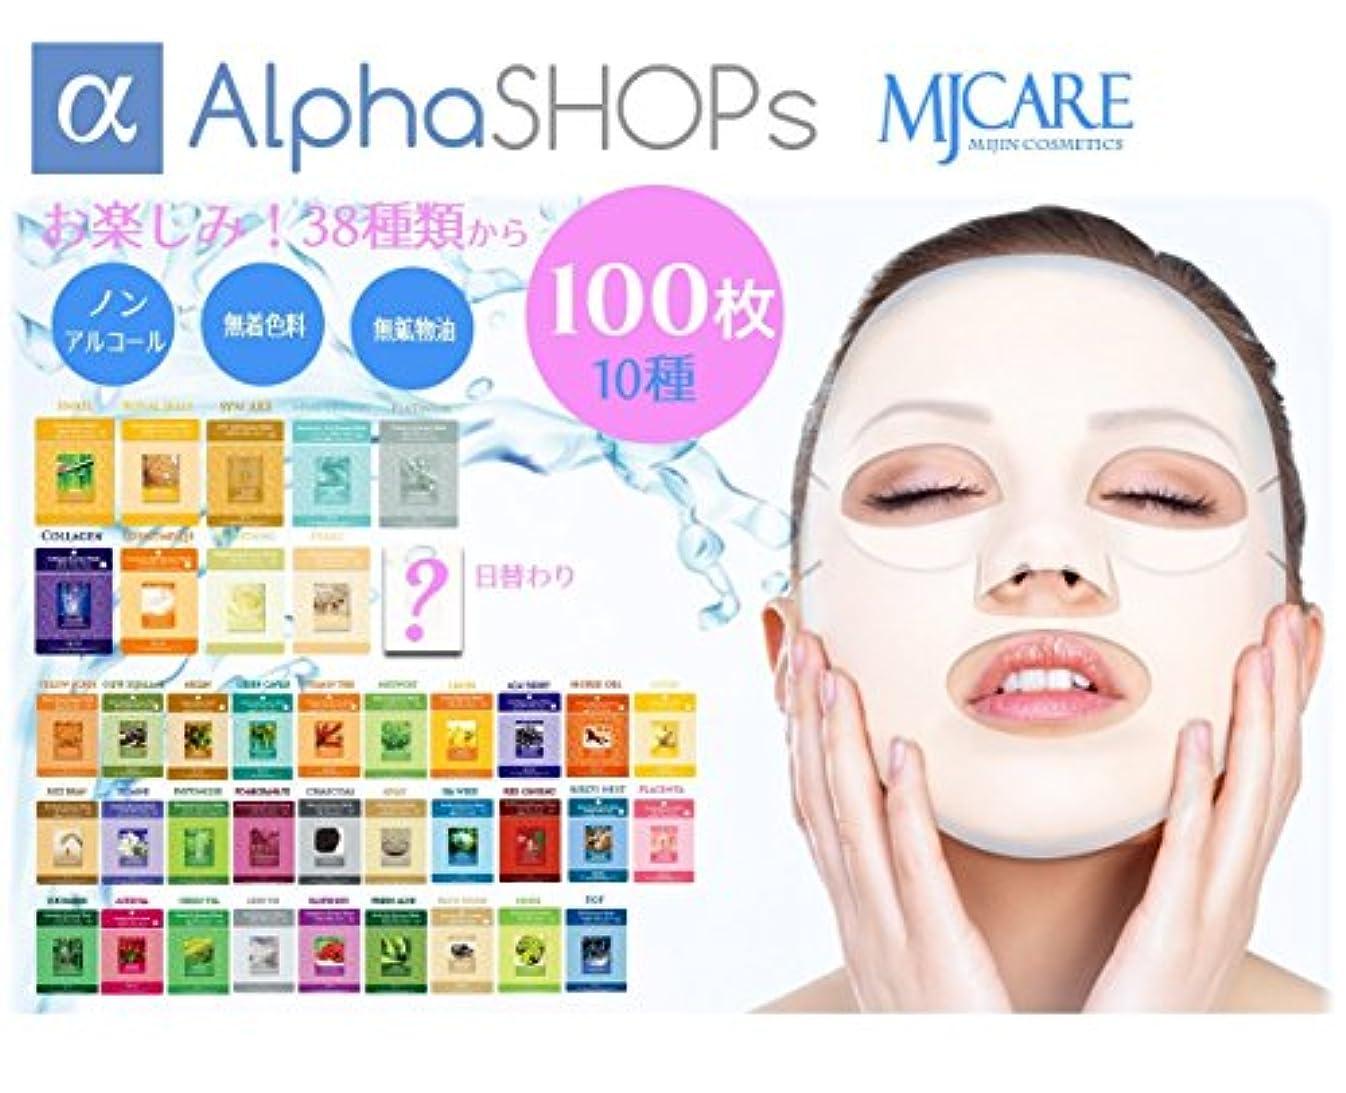 謎分注する廃棄シートマスクパック(100枚) 【MIJINマスク】韓国コスメ 売上No.1 MJ Care?美人【なりたいお肌を選べる?】